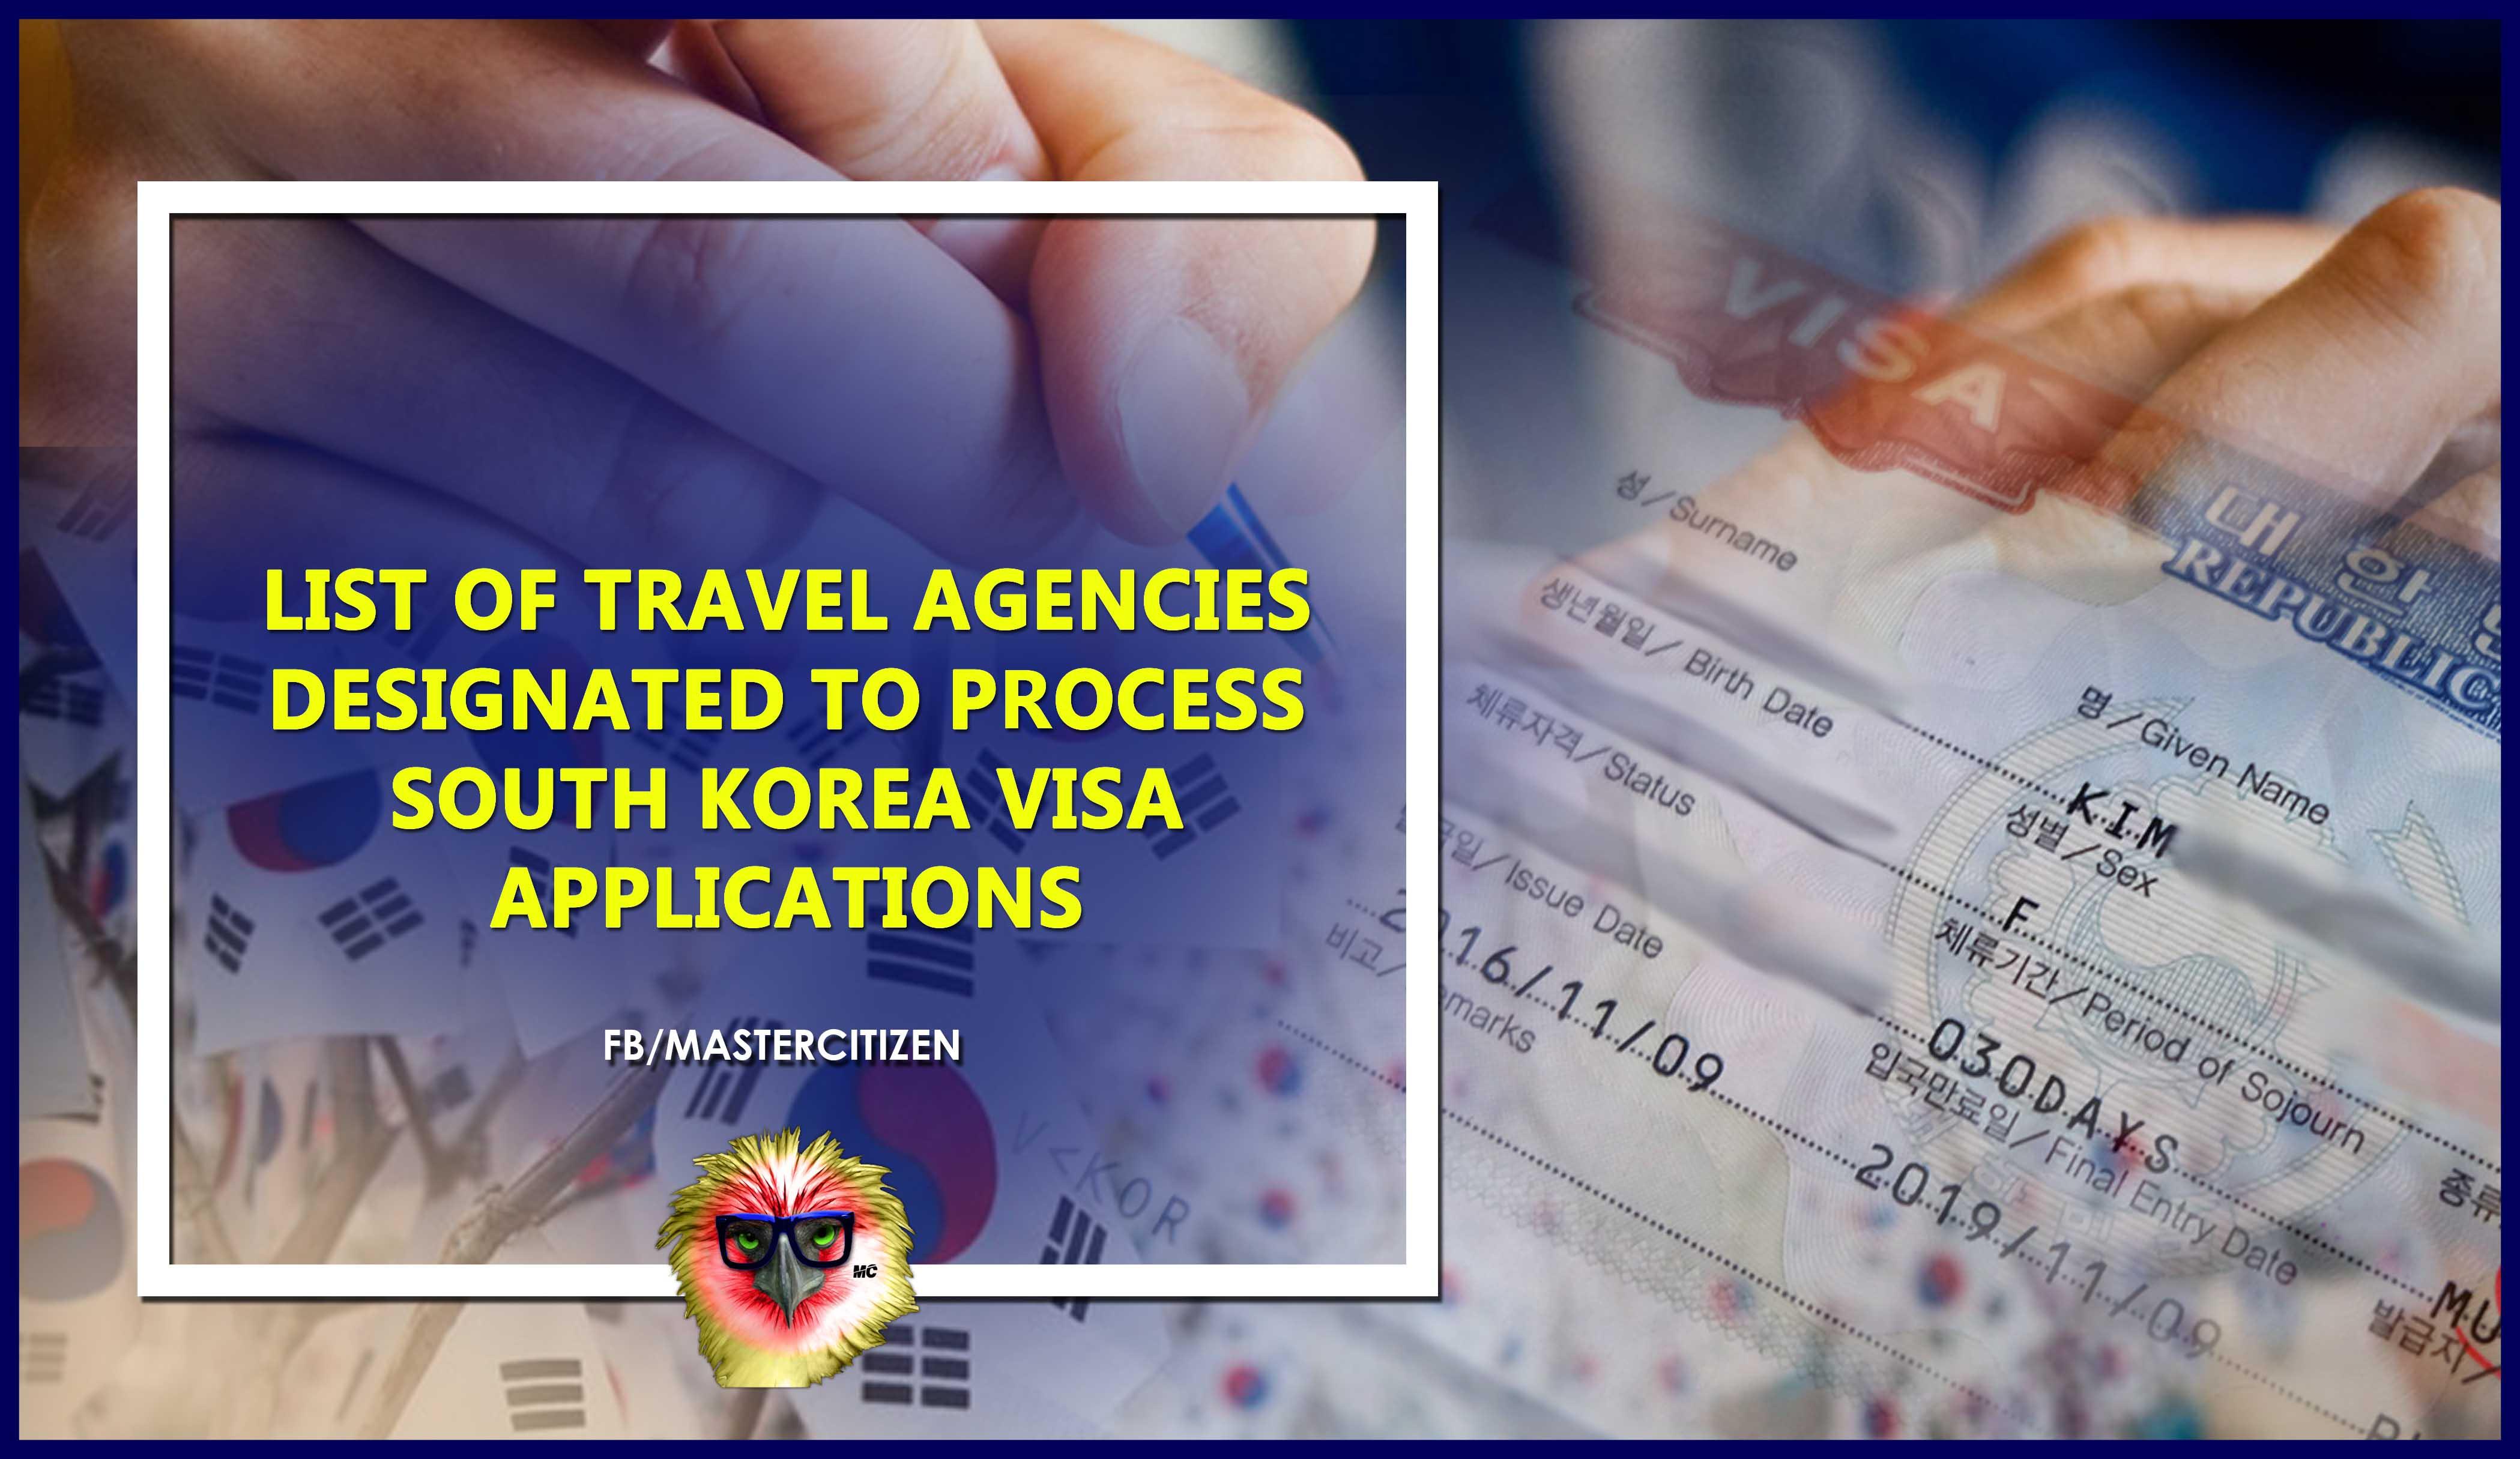 List of Travel Agencies Designated to Process South Korea Visa